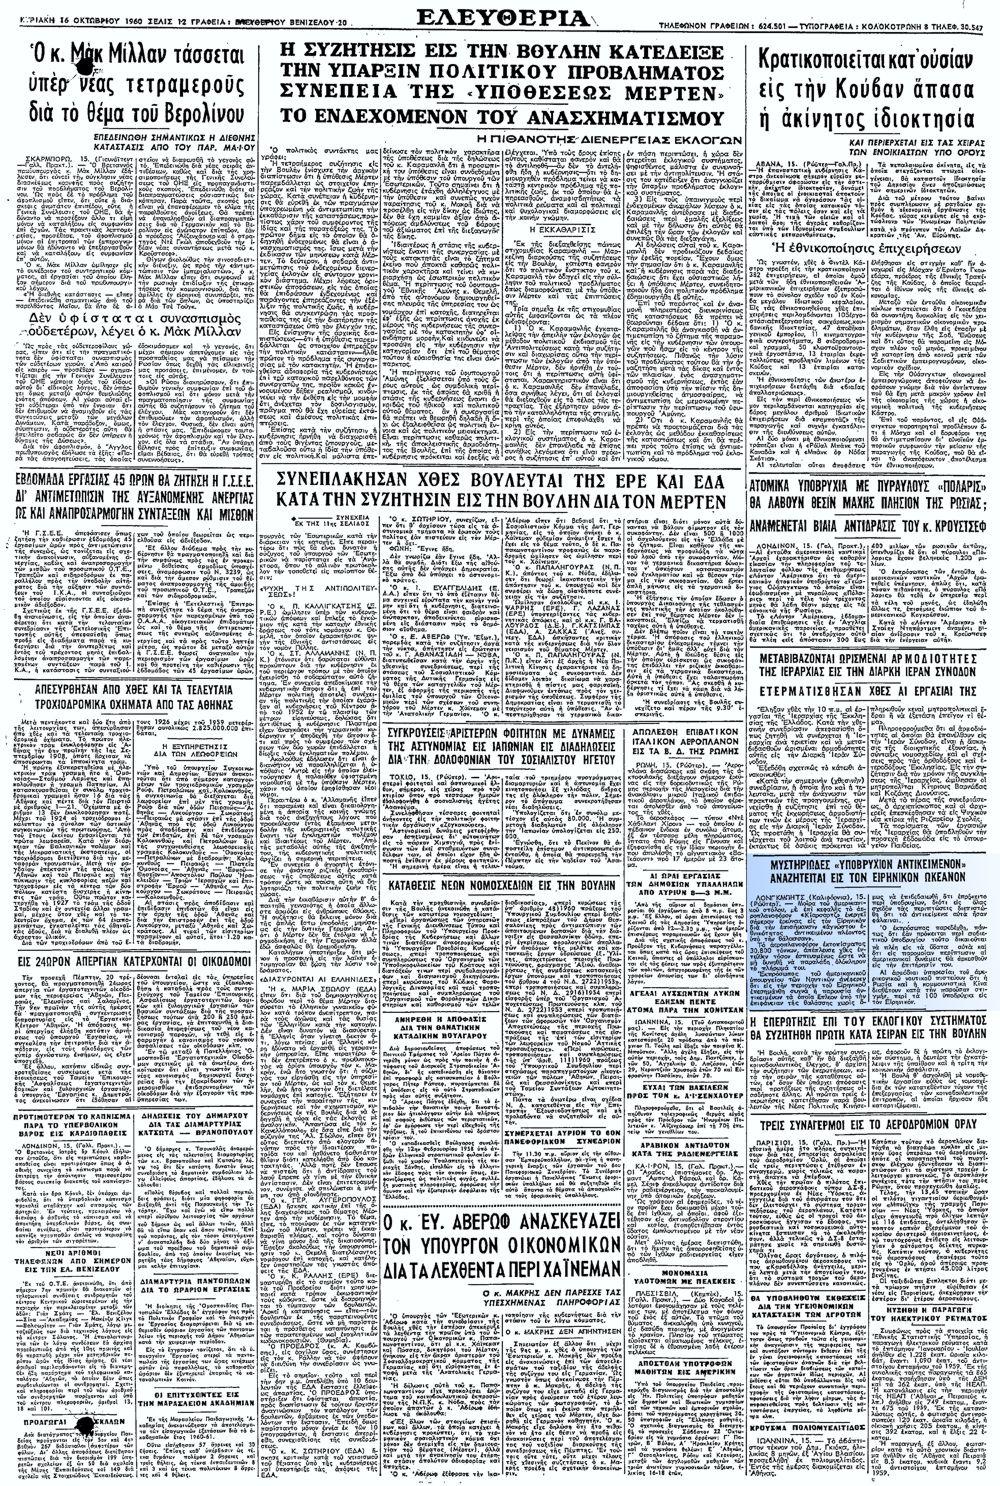 """Το άρθρο, όπως δημοσιεύθηκε στην εφημερίδα """"ΕΛΕΥΘΕΡΙΑ"""", στις 16/10/1960"""